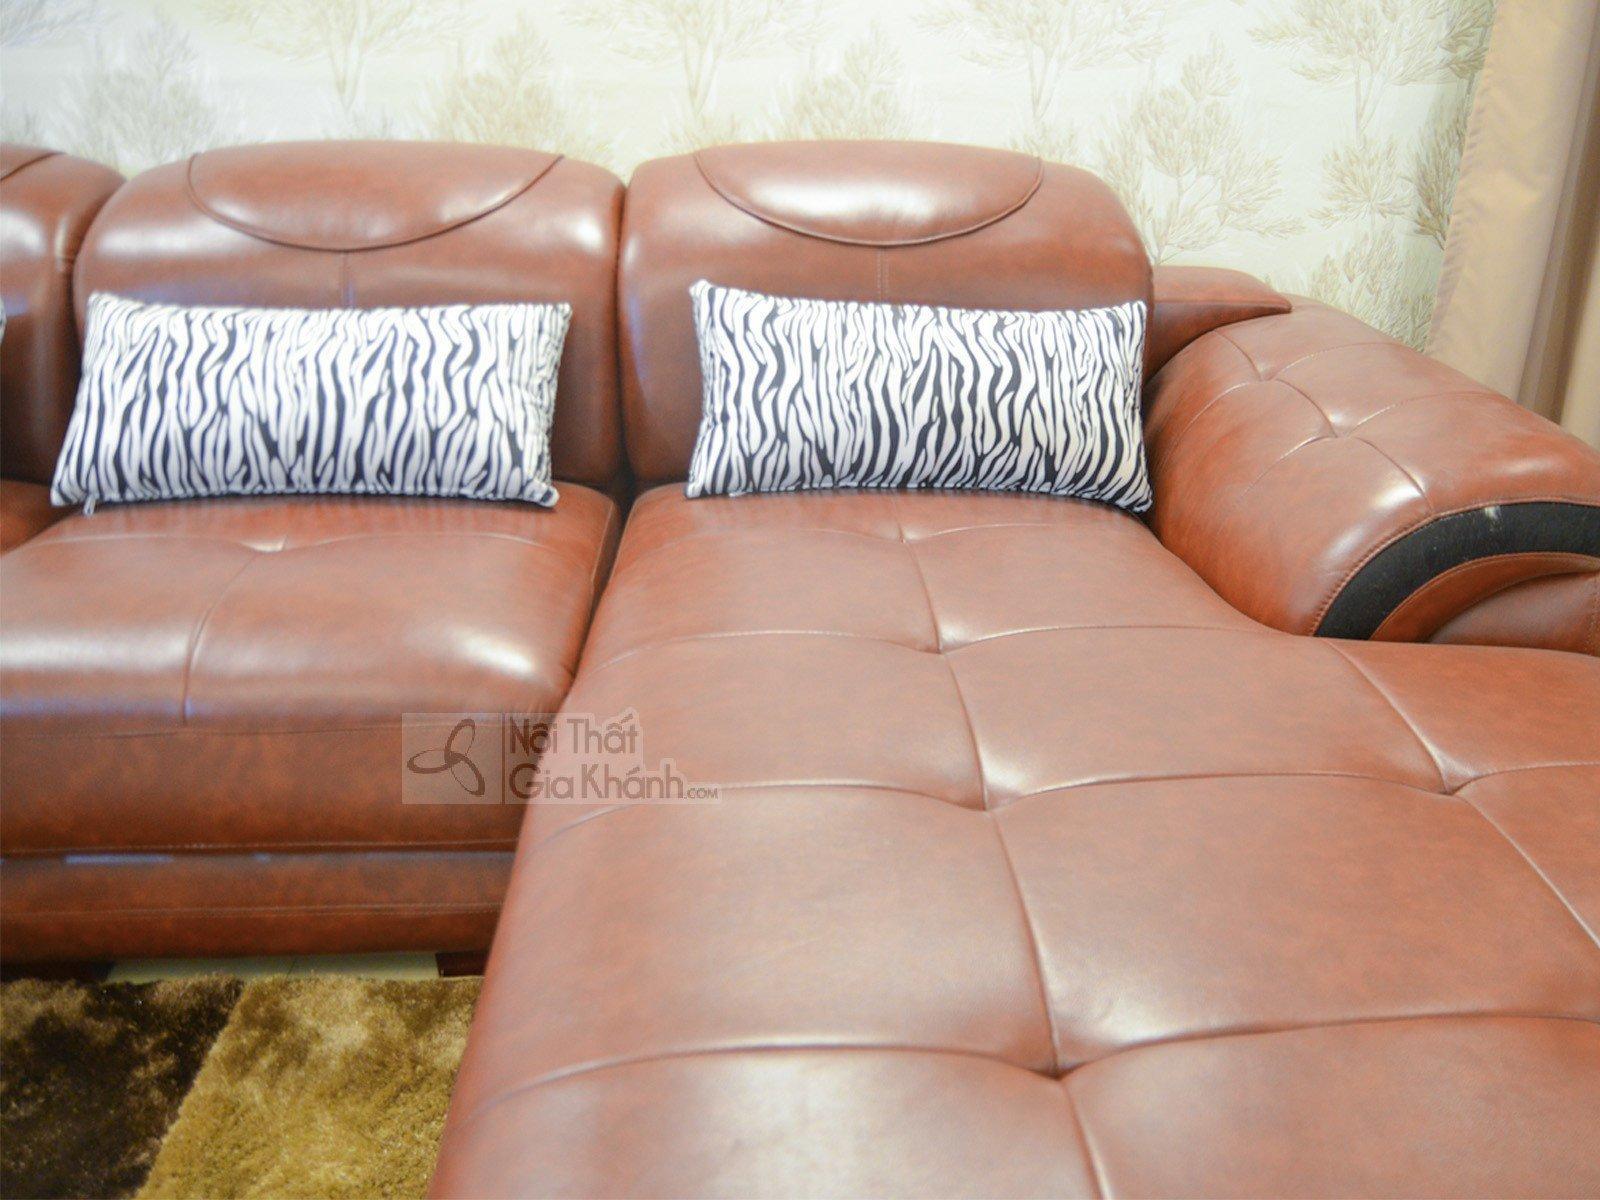 sofa da màu nâu bò 919B 4 - SOFA NÂU BÒ HIỆN ĐẠI 3 BĂNG GÓC TRÁI 9191B-SF